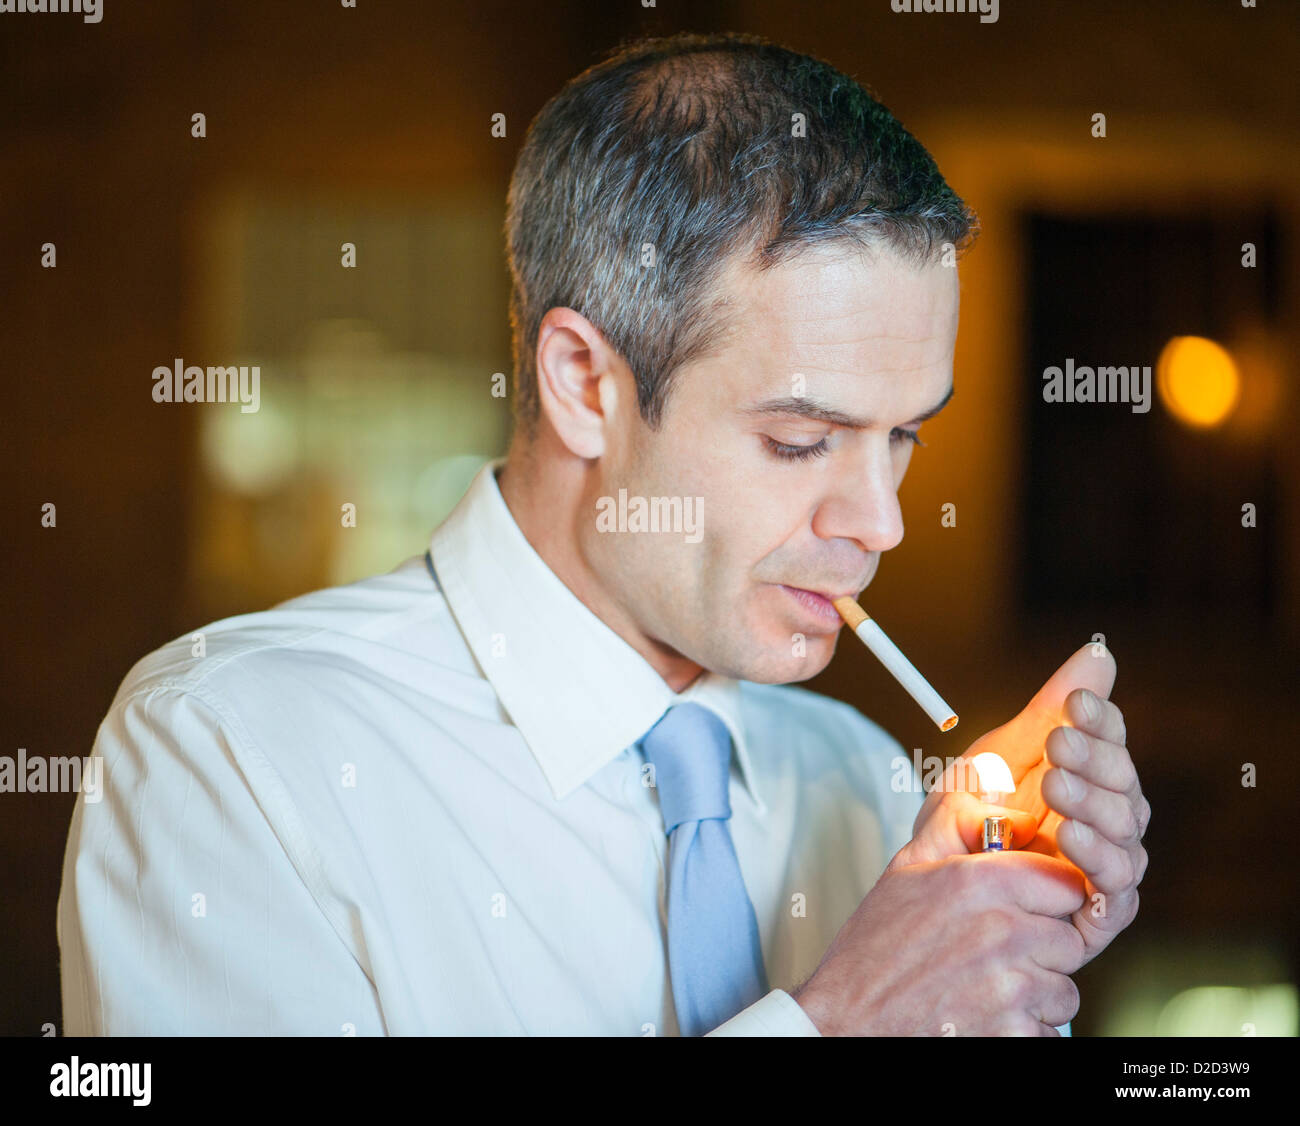 MODEL Release Mann zündet sich eine Zigarette Stockfoto